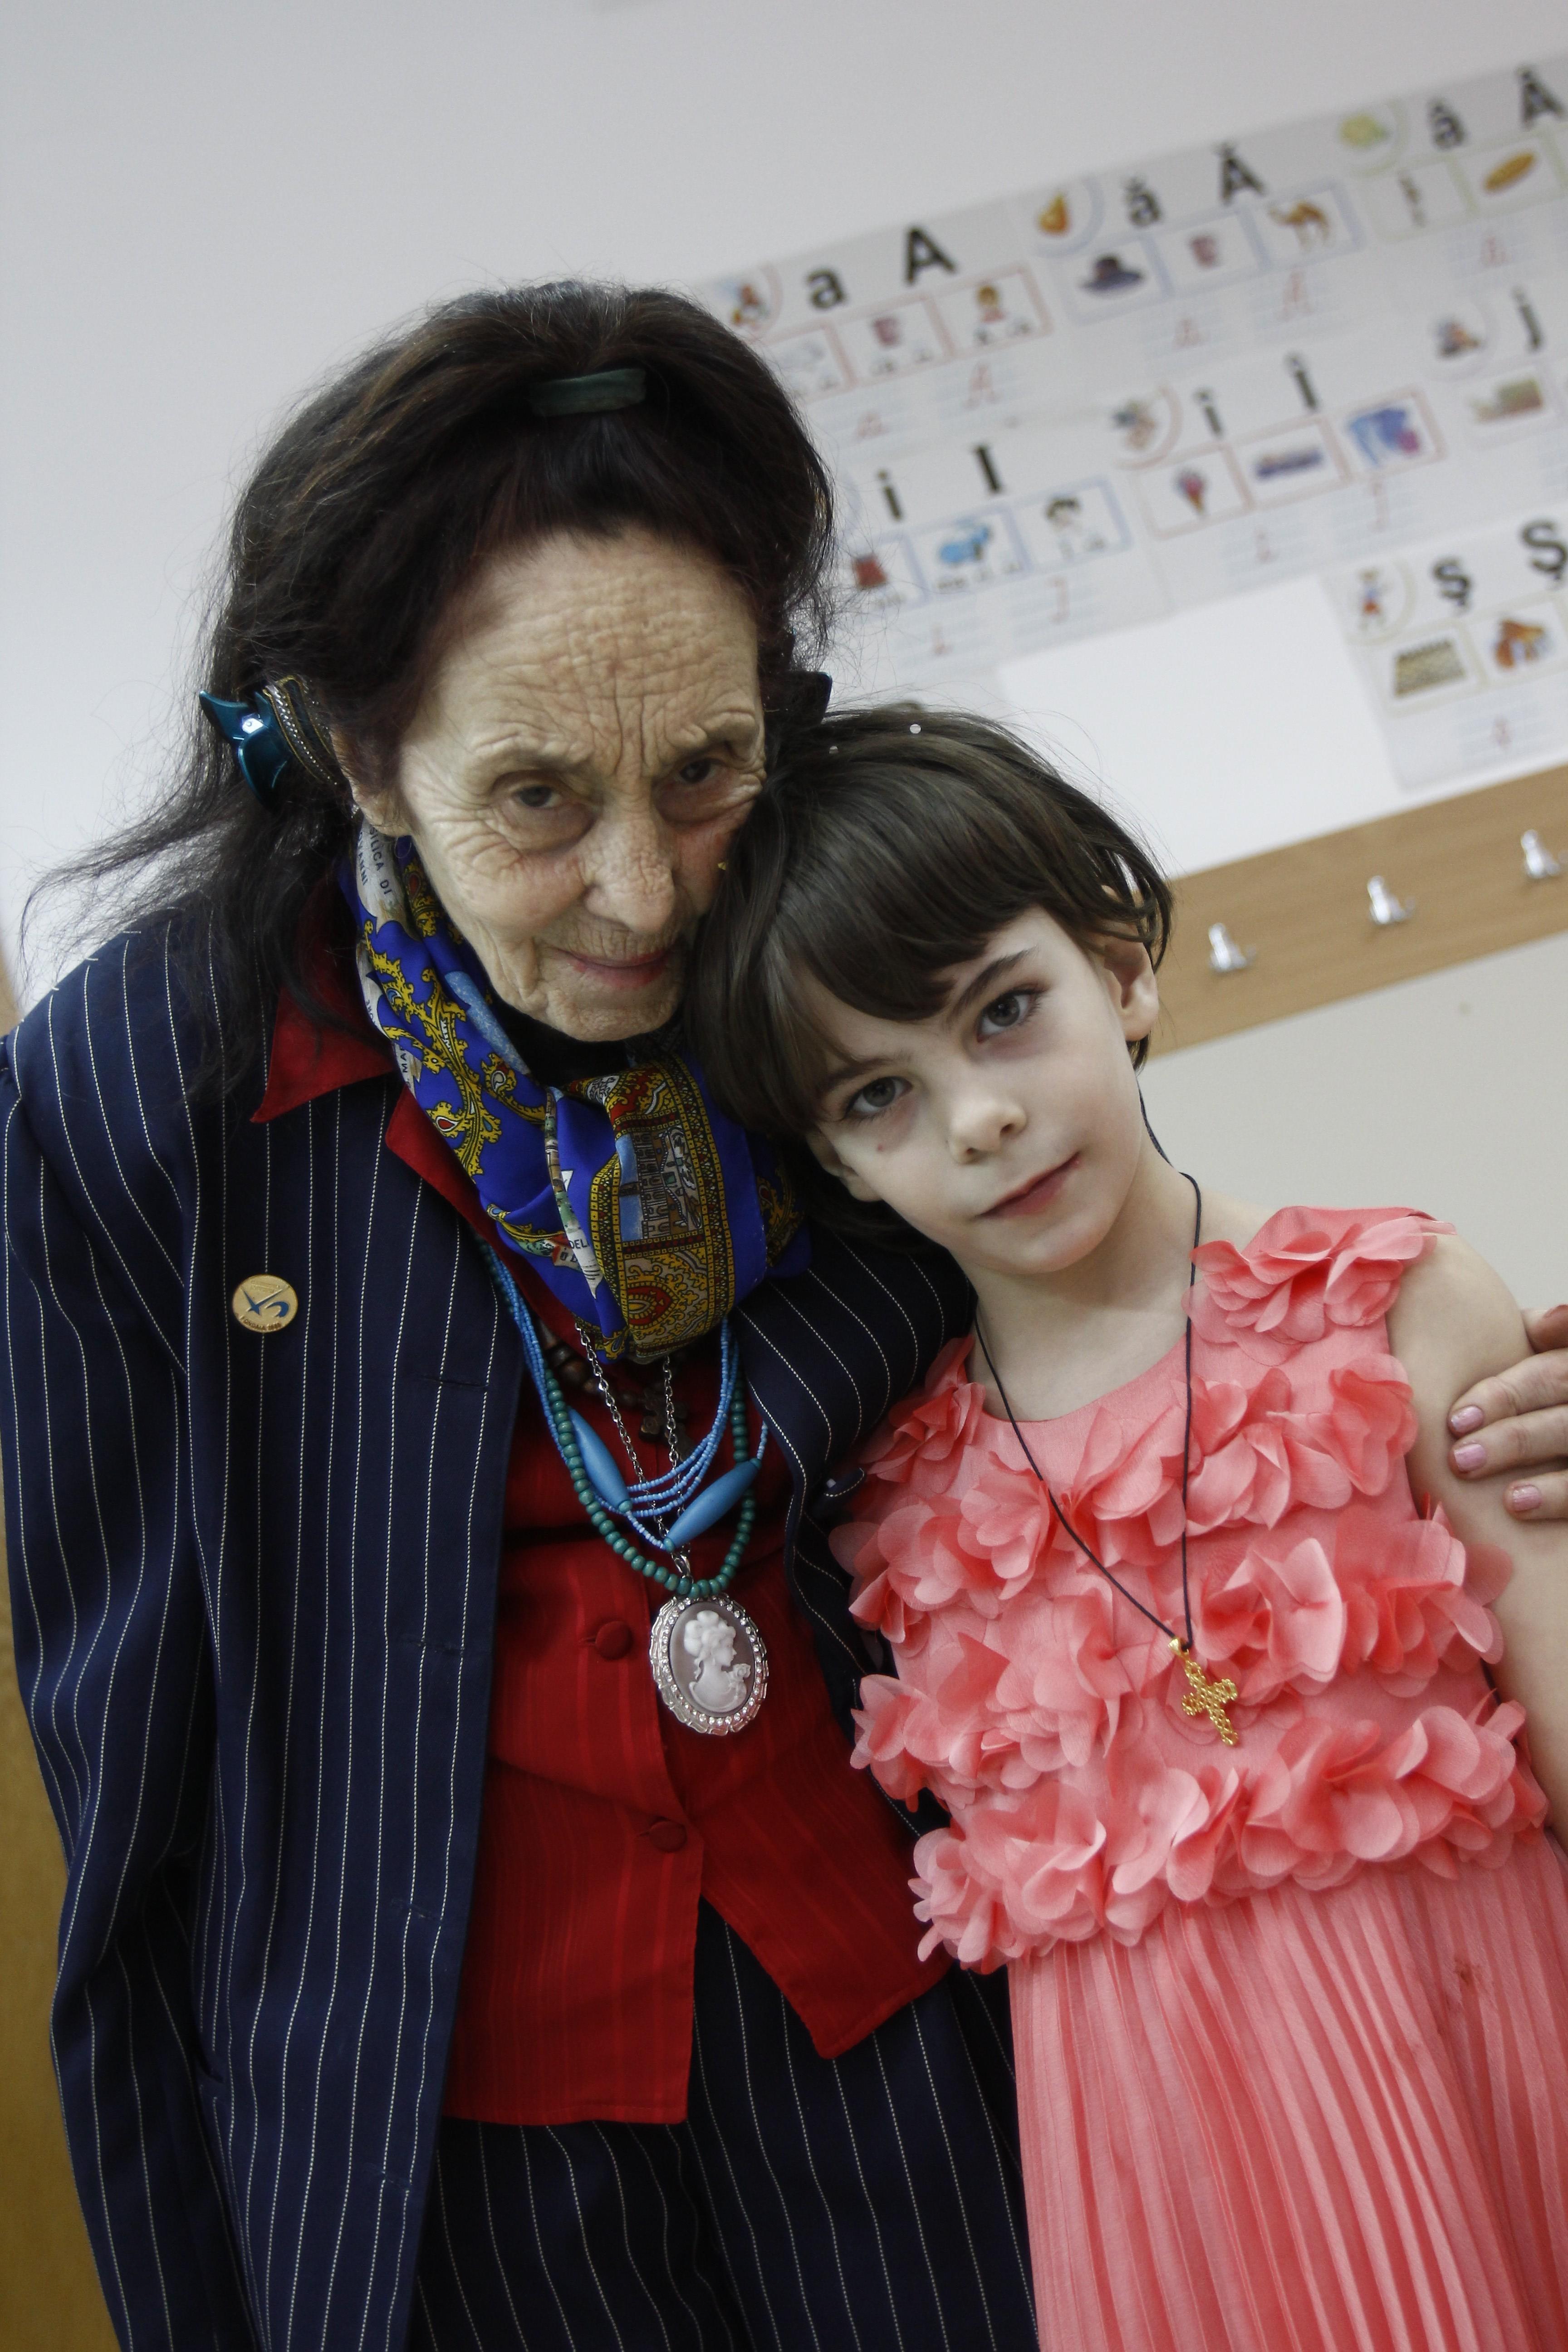 Adriana Iliescu a intrat in Cartea Recordurilor dupa ce a devenit mama la varsta de 67 de ani. Acum, fetita ei, Eliza, are 9 ani